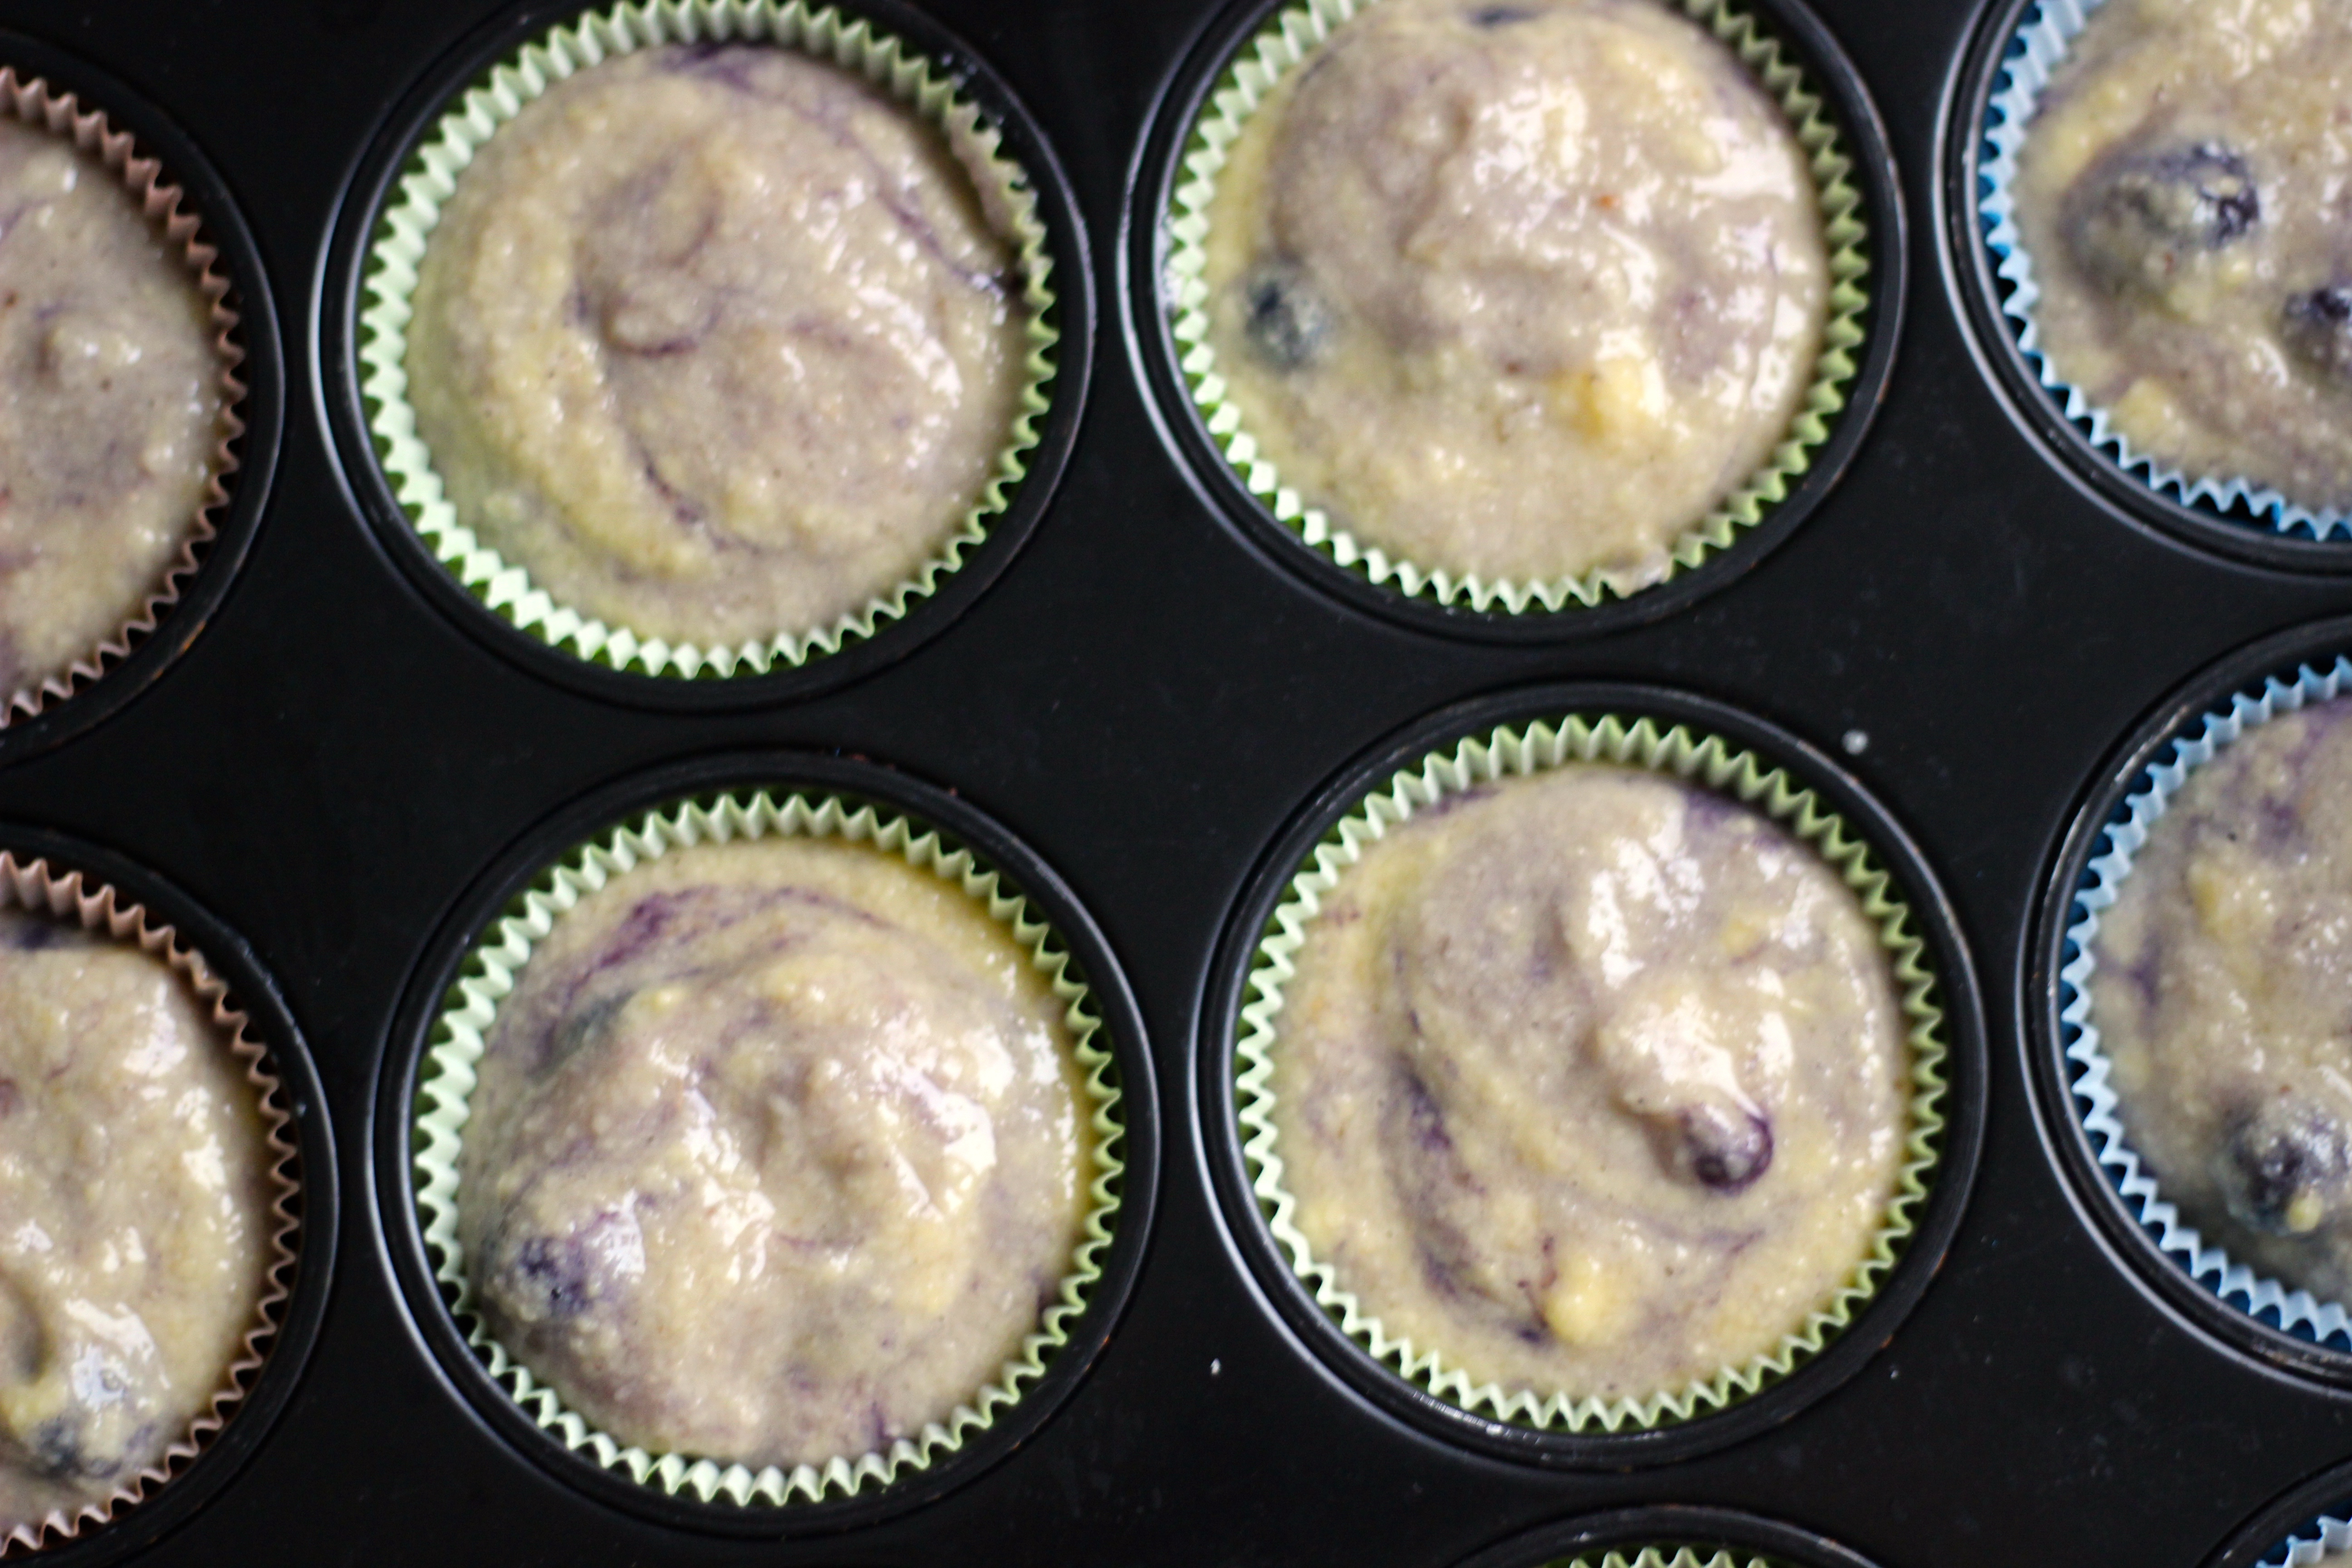 Blaubeer_Bananenmuffins_Backform_glutenfrei